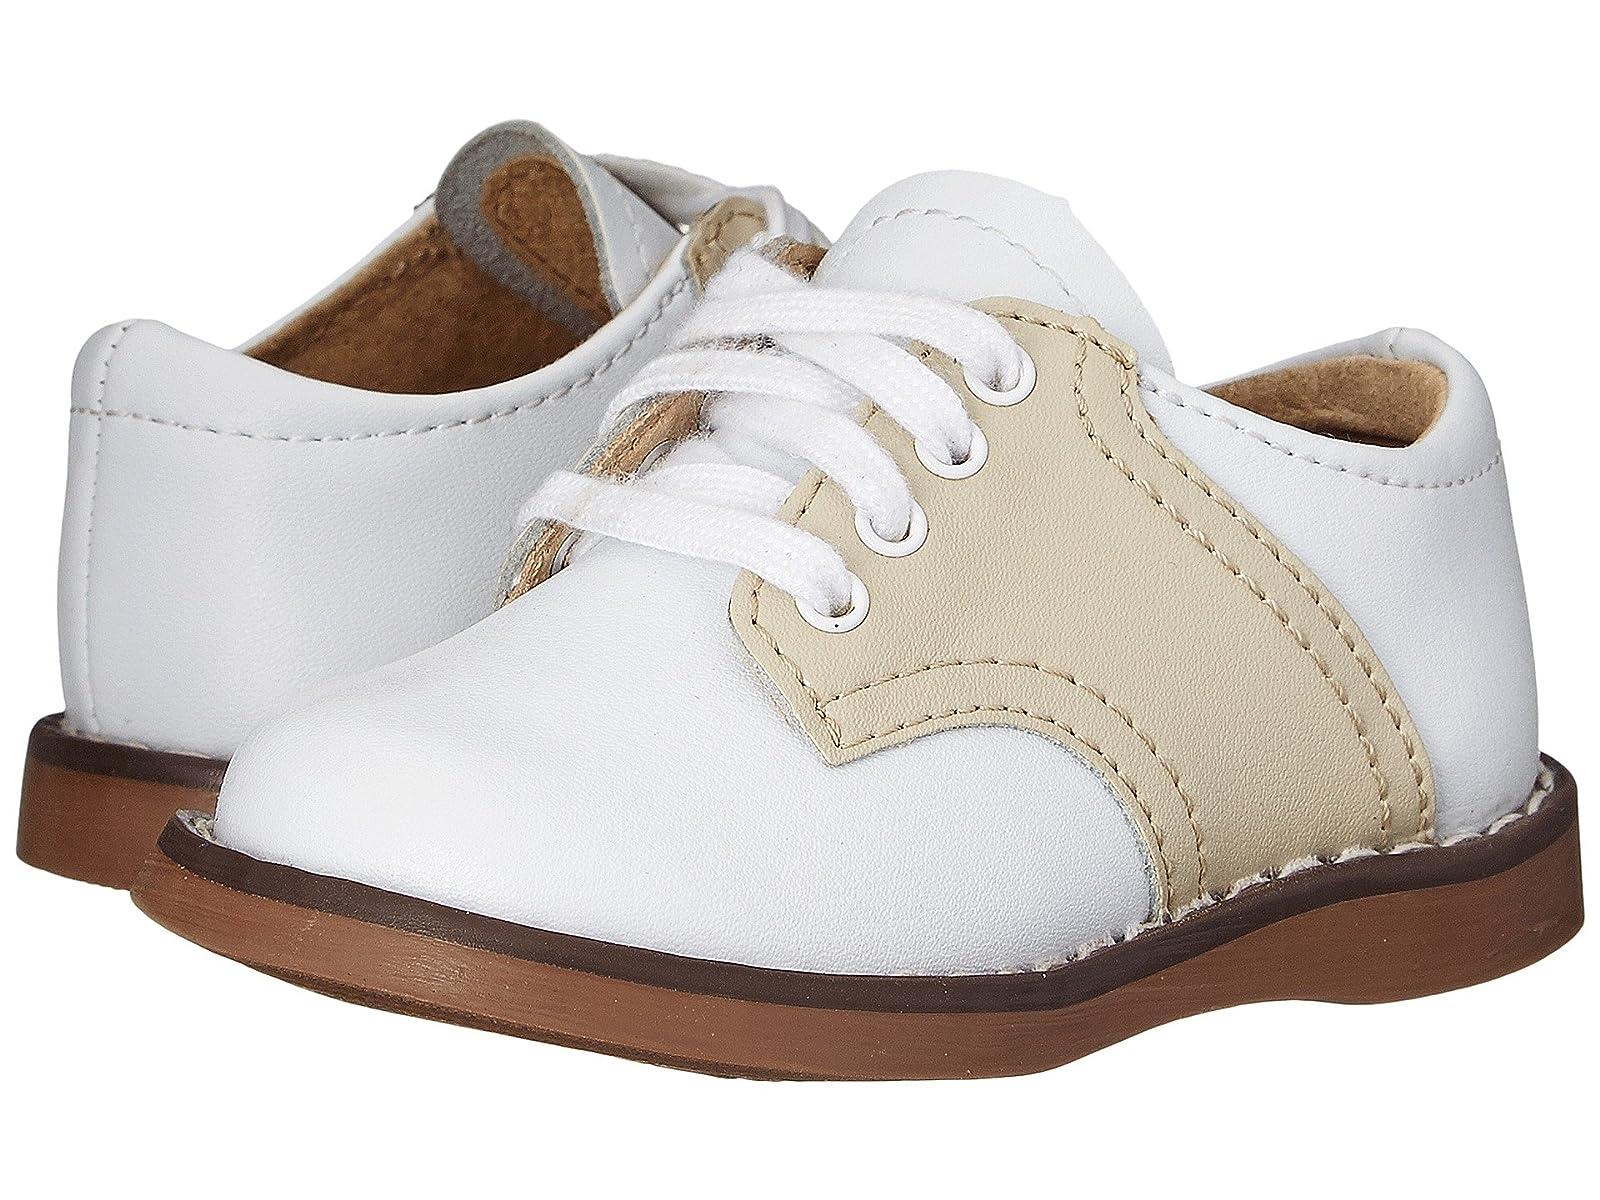 FootMates Cheer 3 (Infant/Toddler/Little Kid)Atmospheric grades have affordable shoes